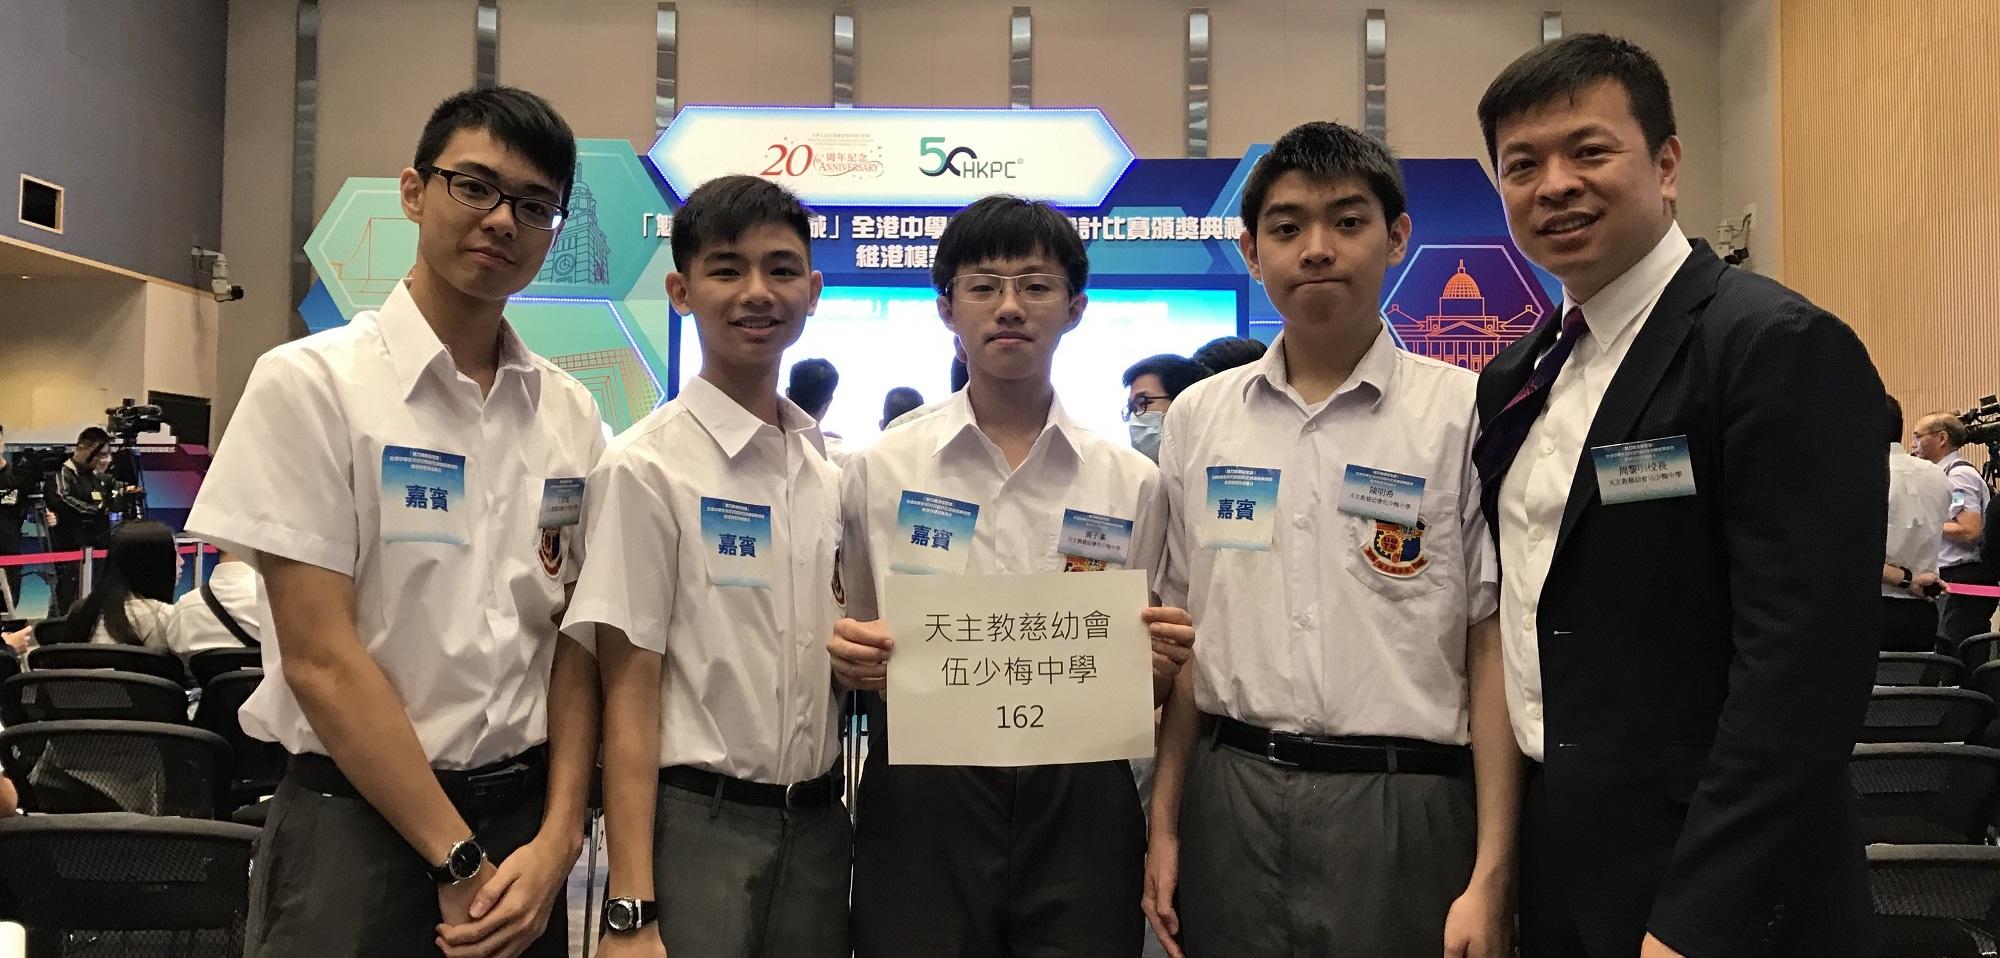 天主教慈幼會伍少梅中學的3D打印比賽銀獎 - 迷人的維港相片17